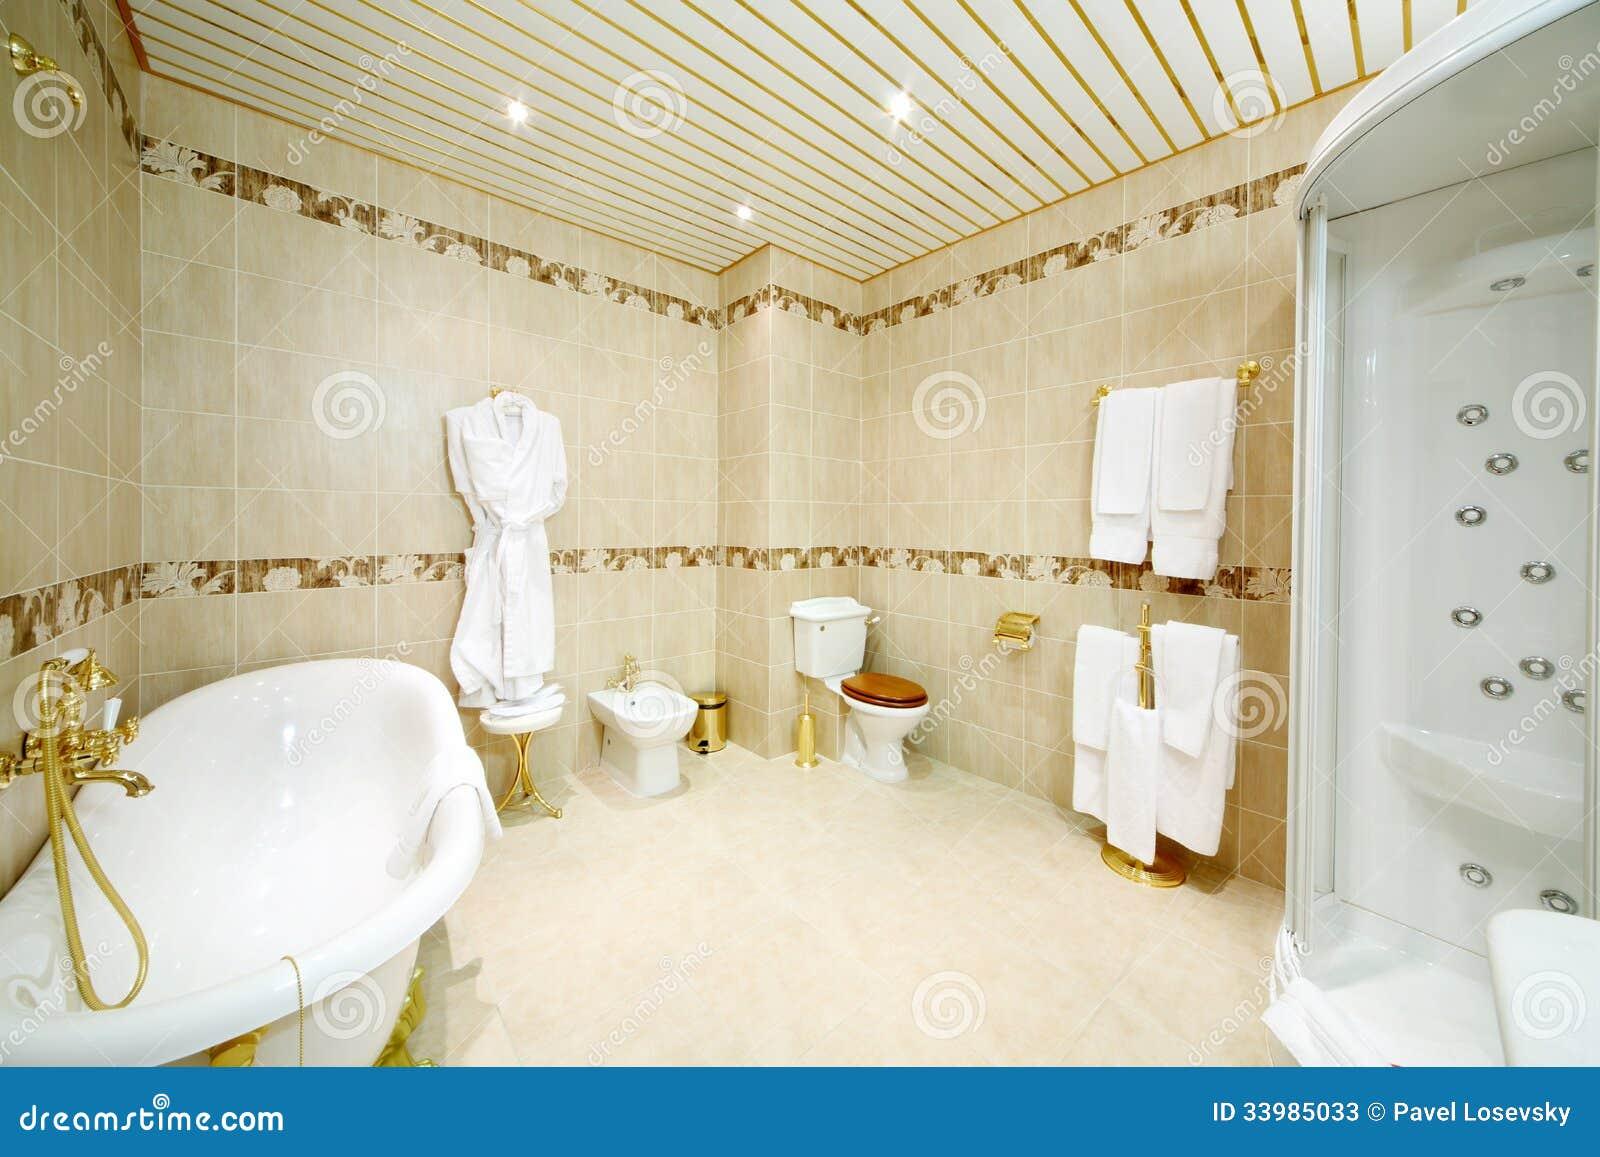 bagno pulito con il bagno la cabina della doccia la. Black Bedroom Furniture Sets. Home Design Ideas